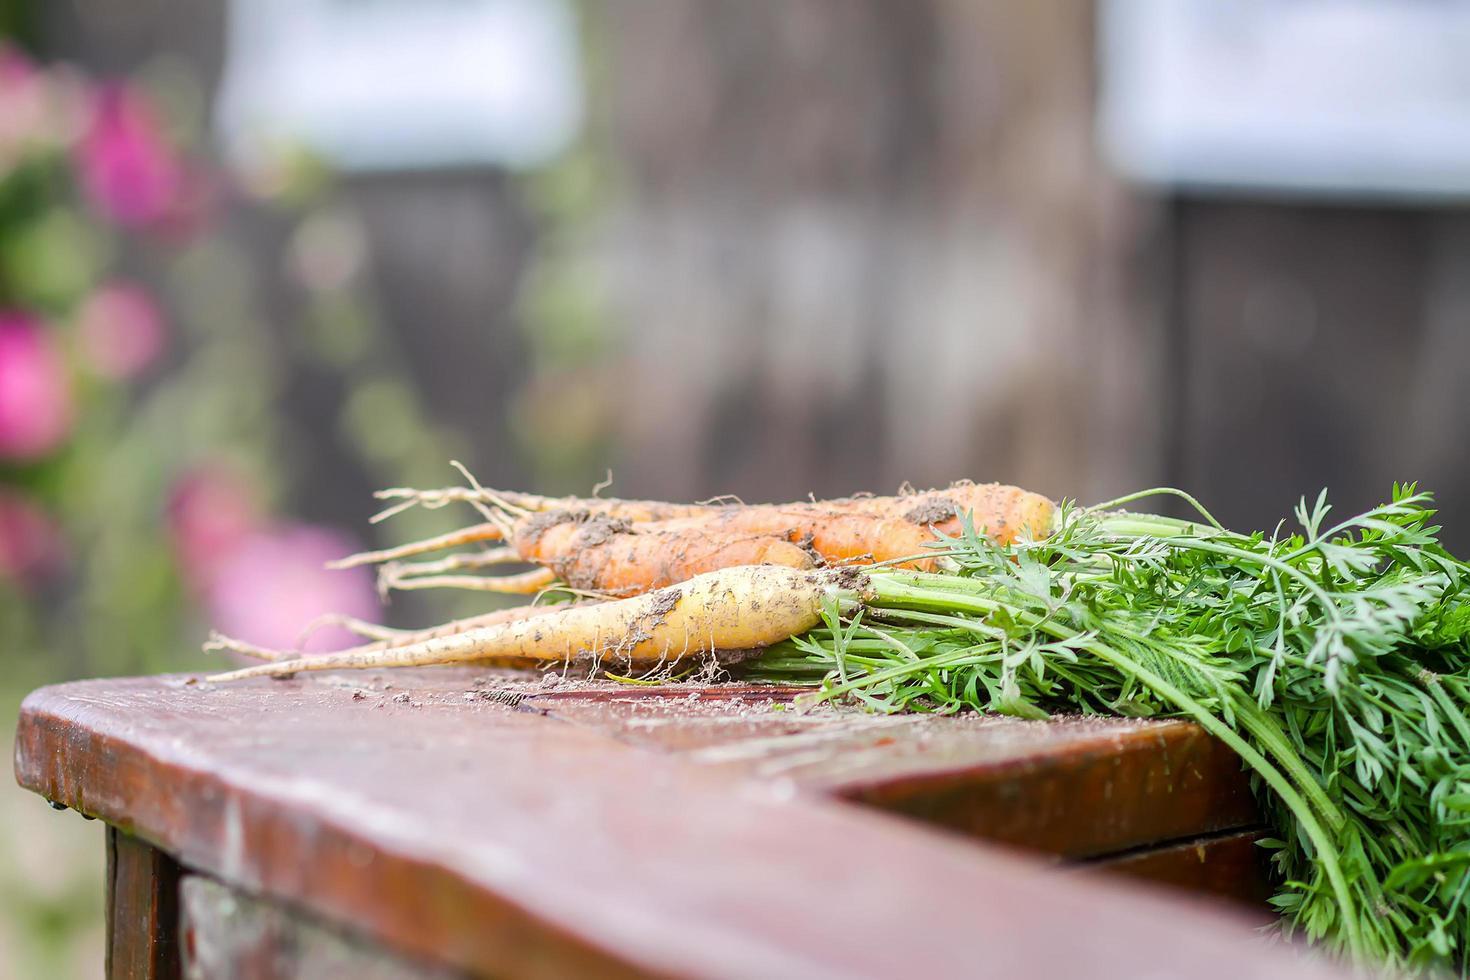 carote fresche fuori foto